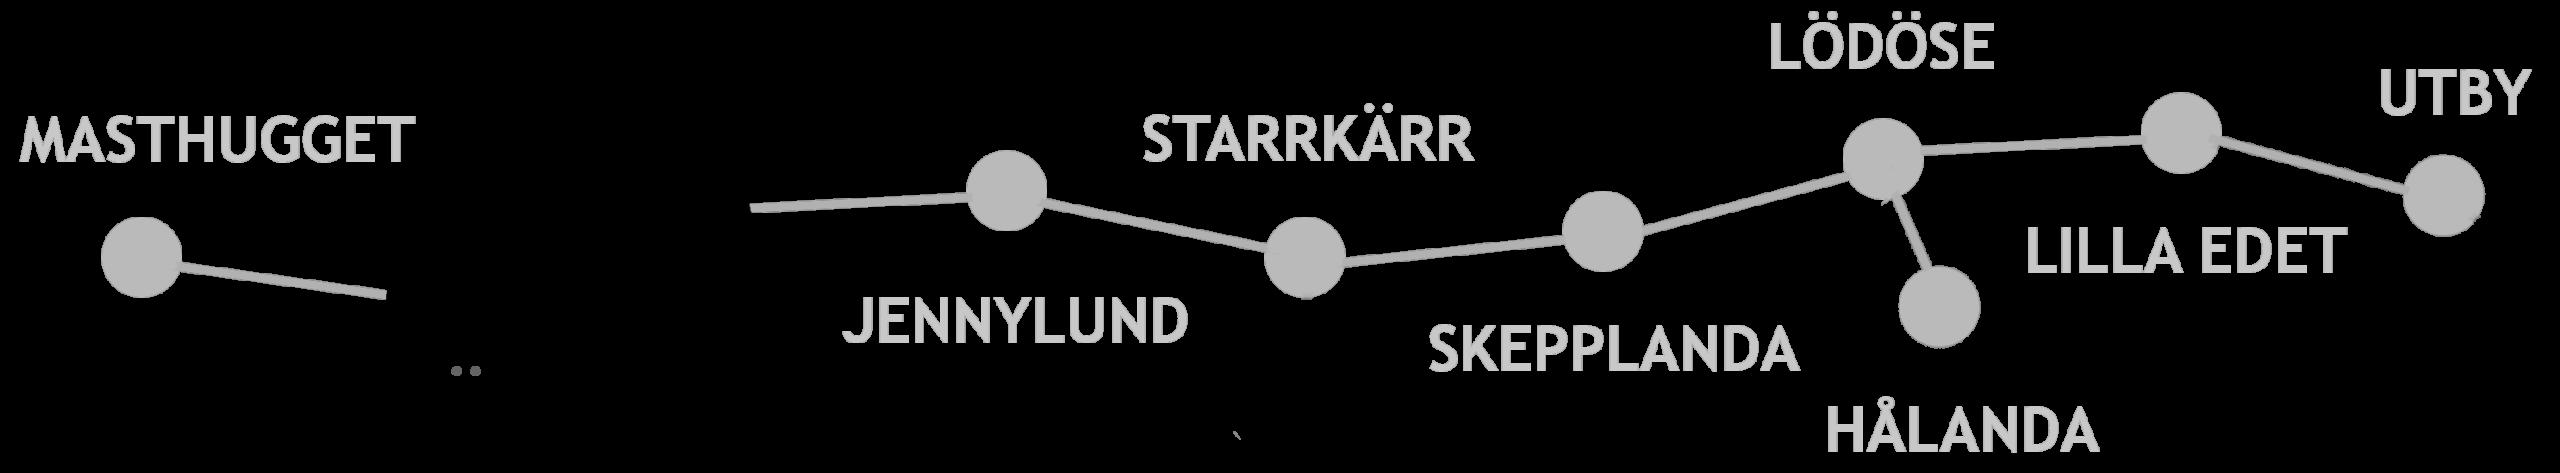 ETAPP 2: NYLÖSE – STORÅS